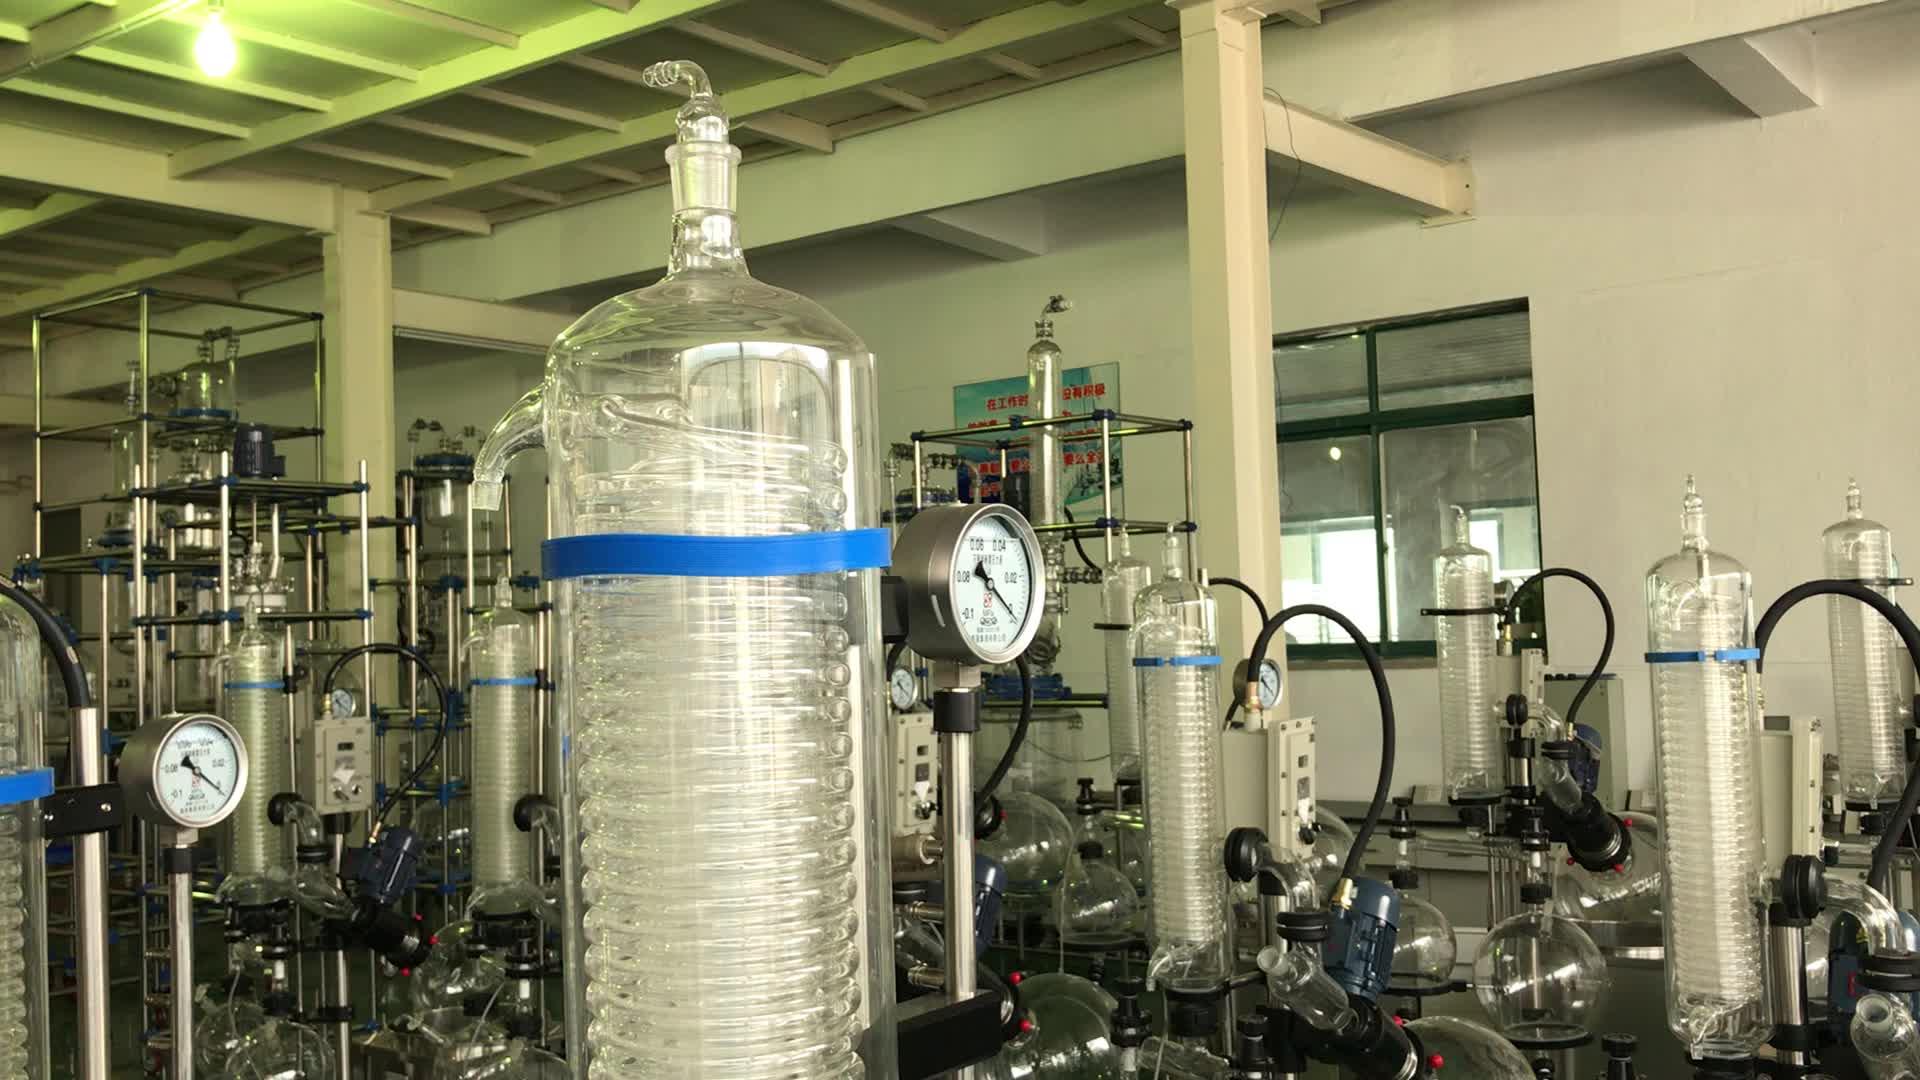 2l ätherisches öl extrahieren maschine rotary verdampfer destillation ausrüstung